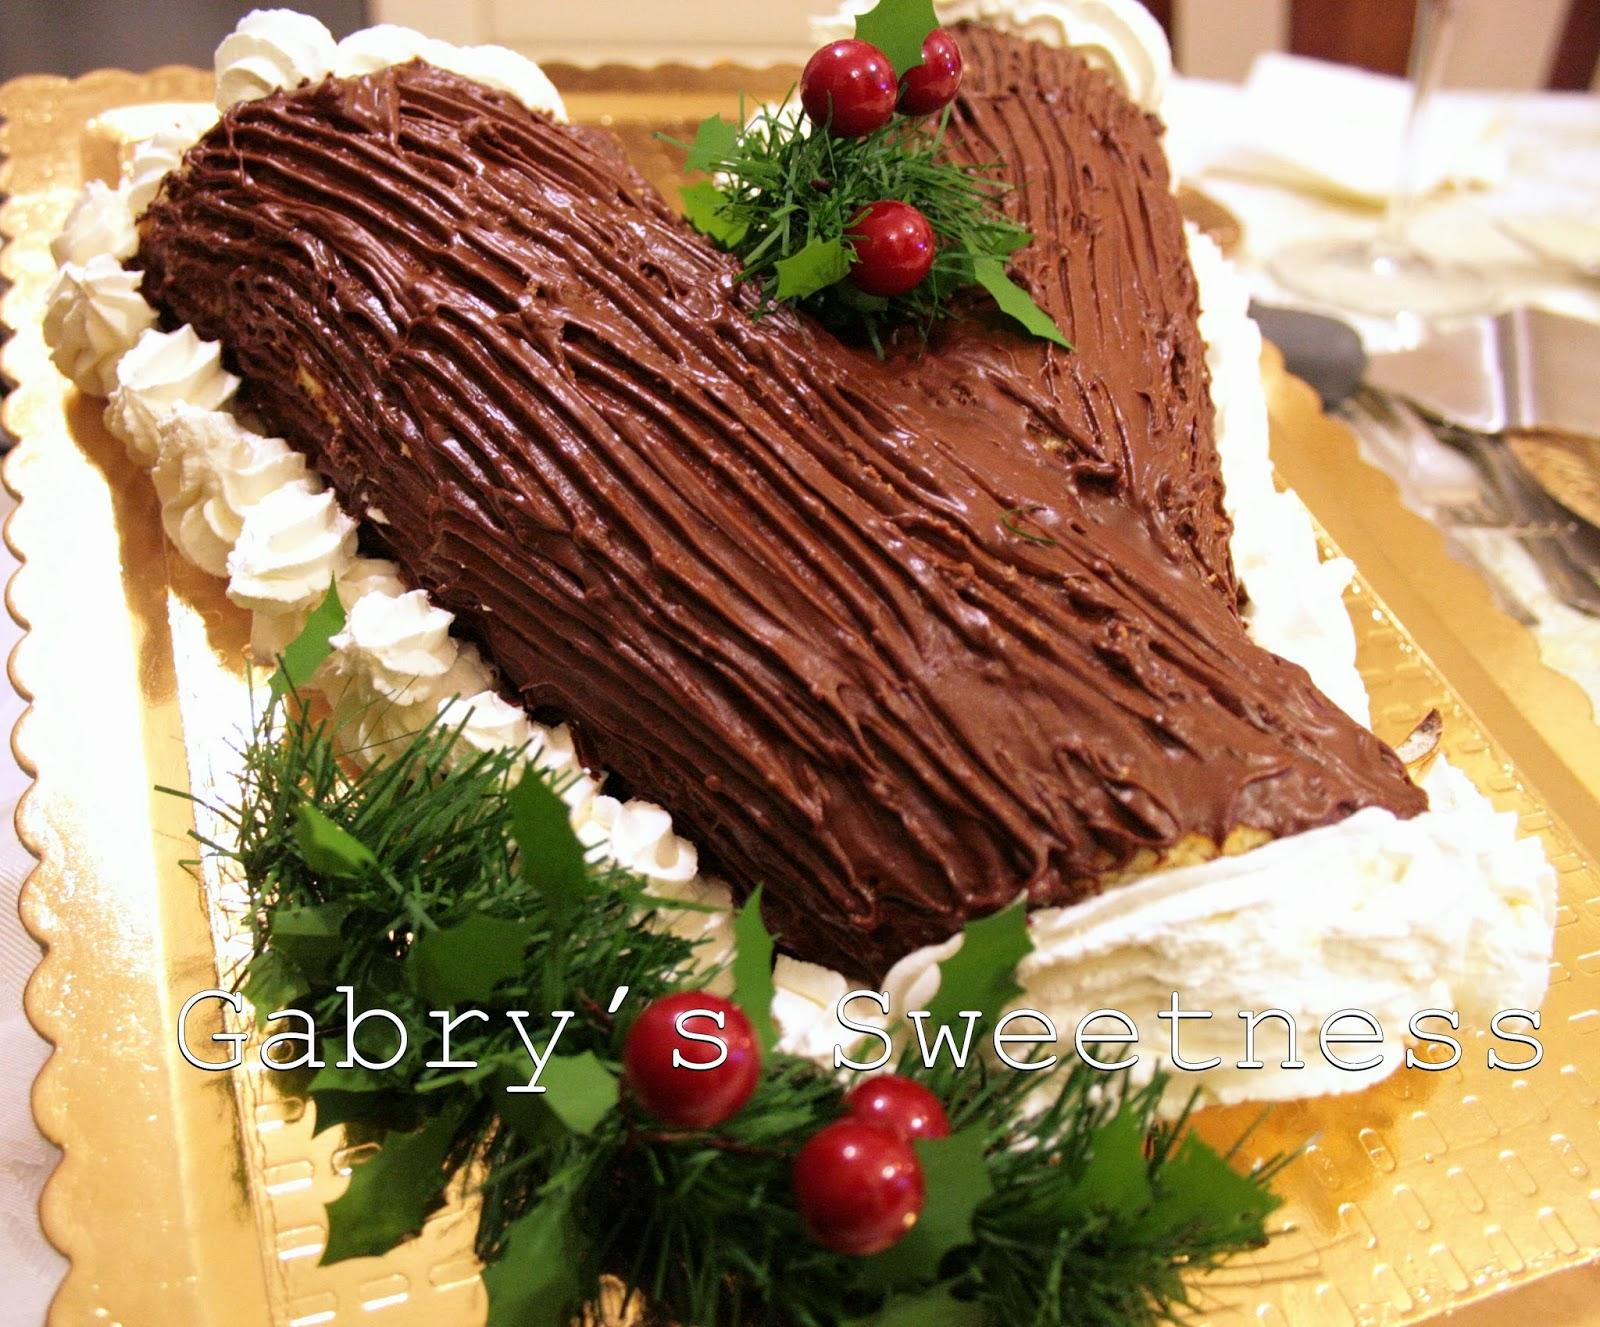 Decorare Il Tronchetto Di Natale.Gabry S Sweetness Tronchetto Di Natale Al Cioccolato